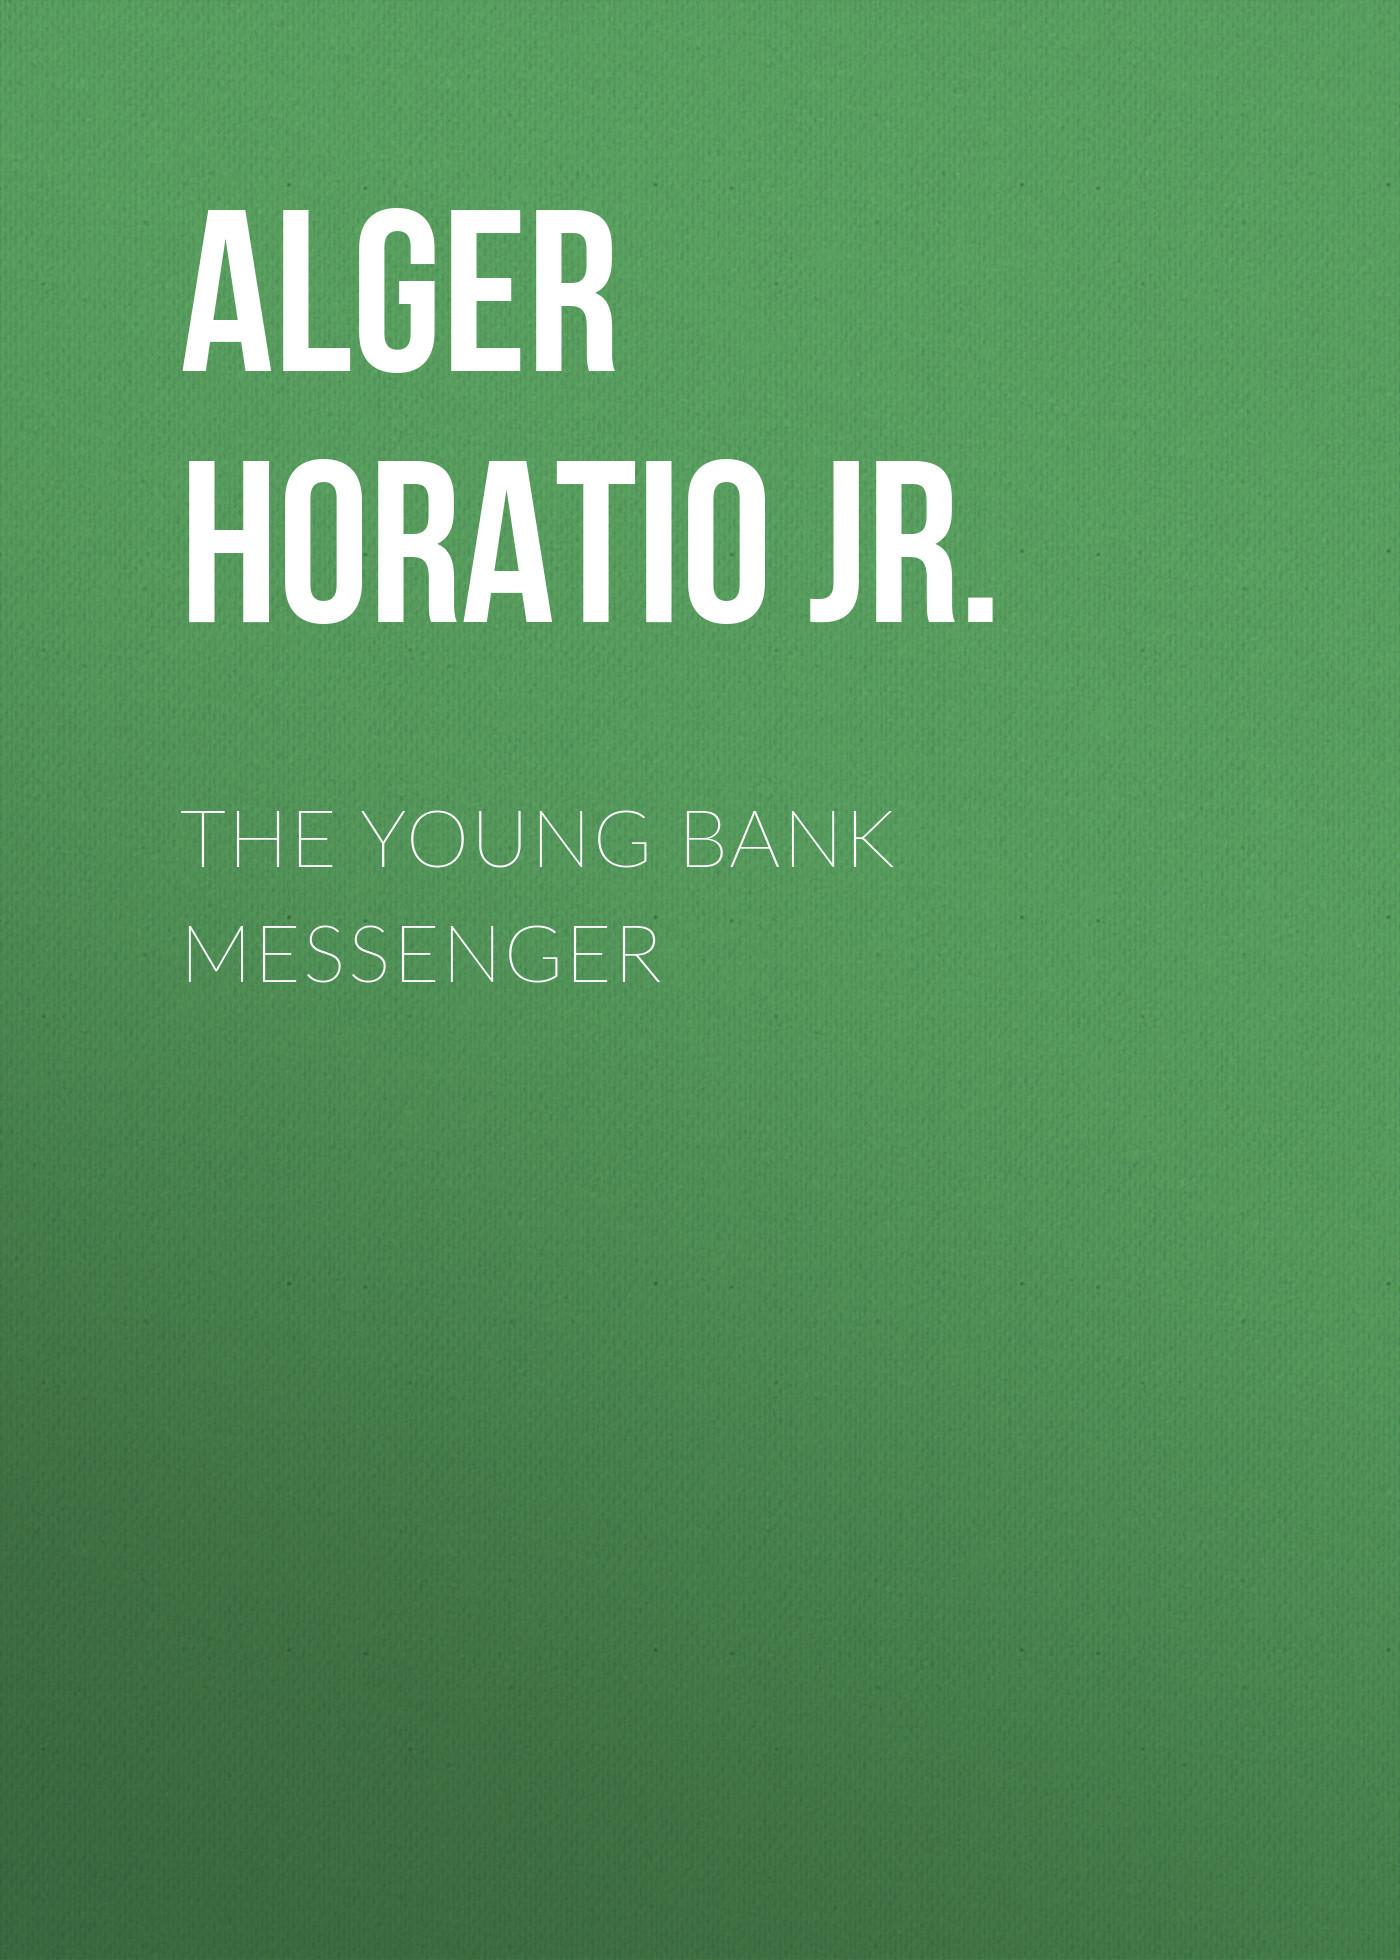 Alger Horatio Jr. The Young Bank Messenger horatio alger jr digging for gold